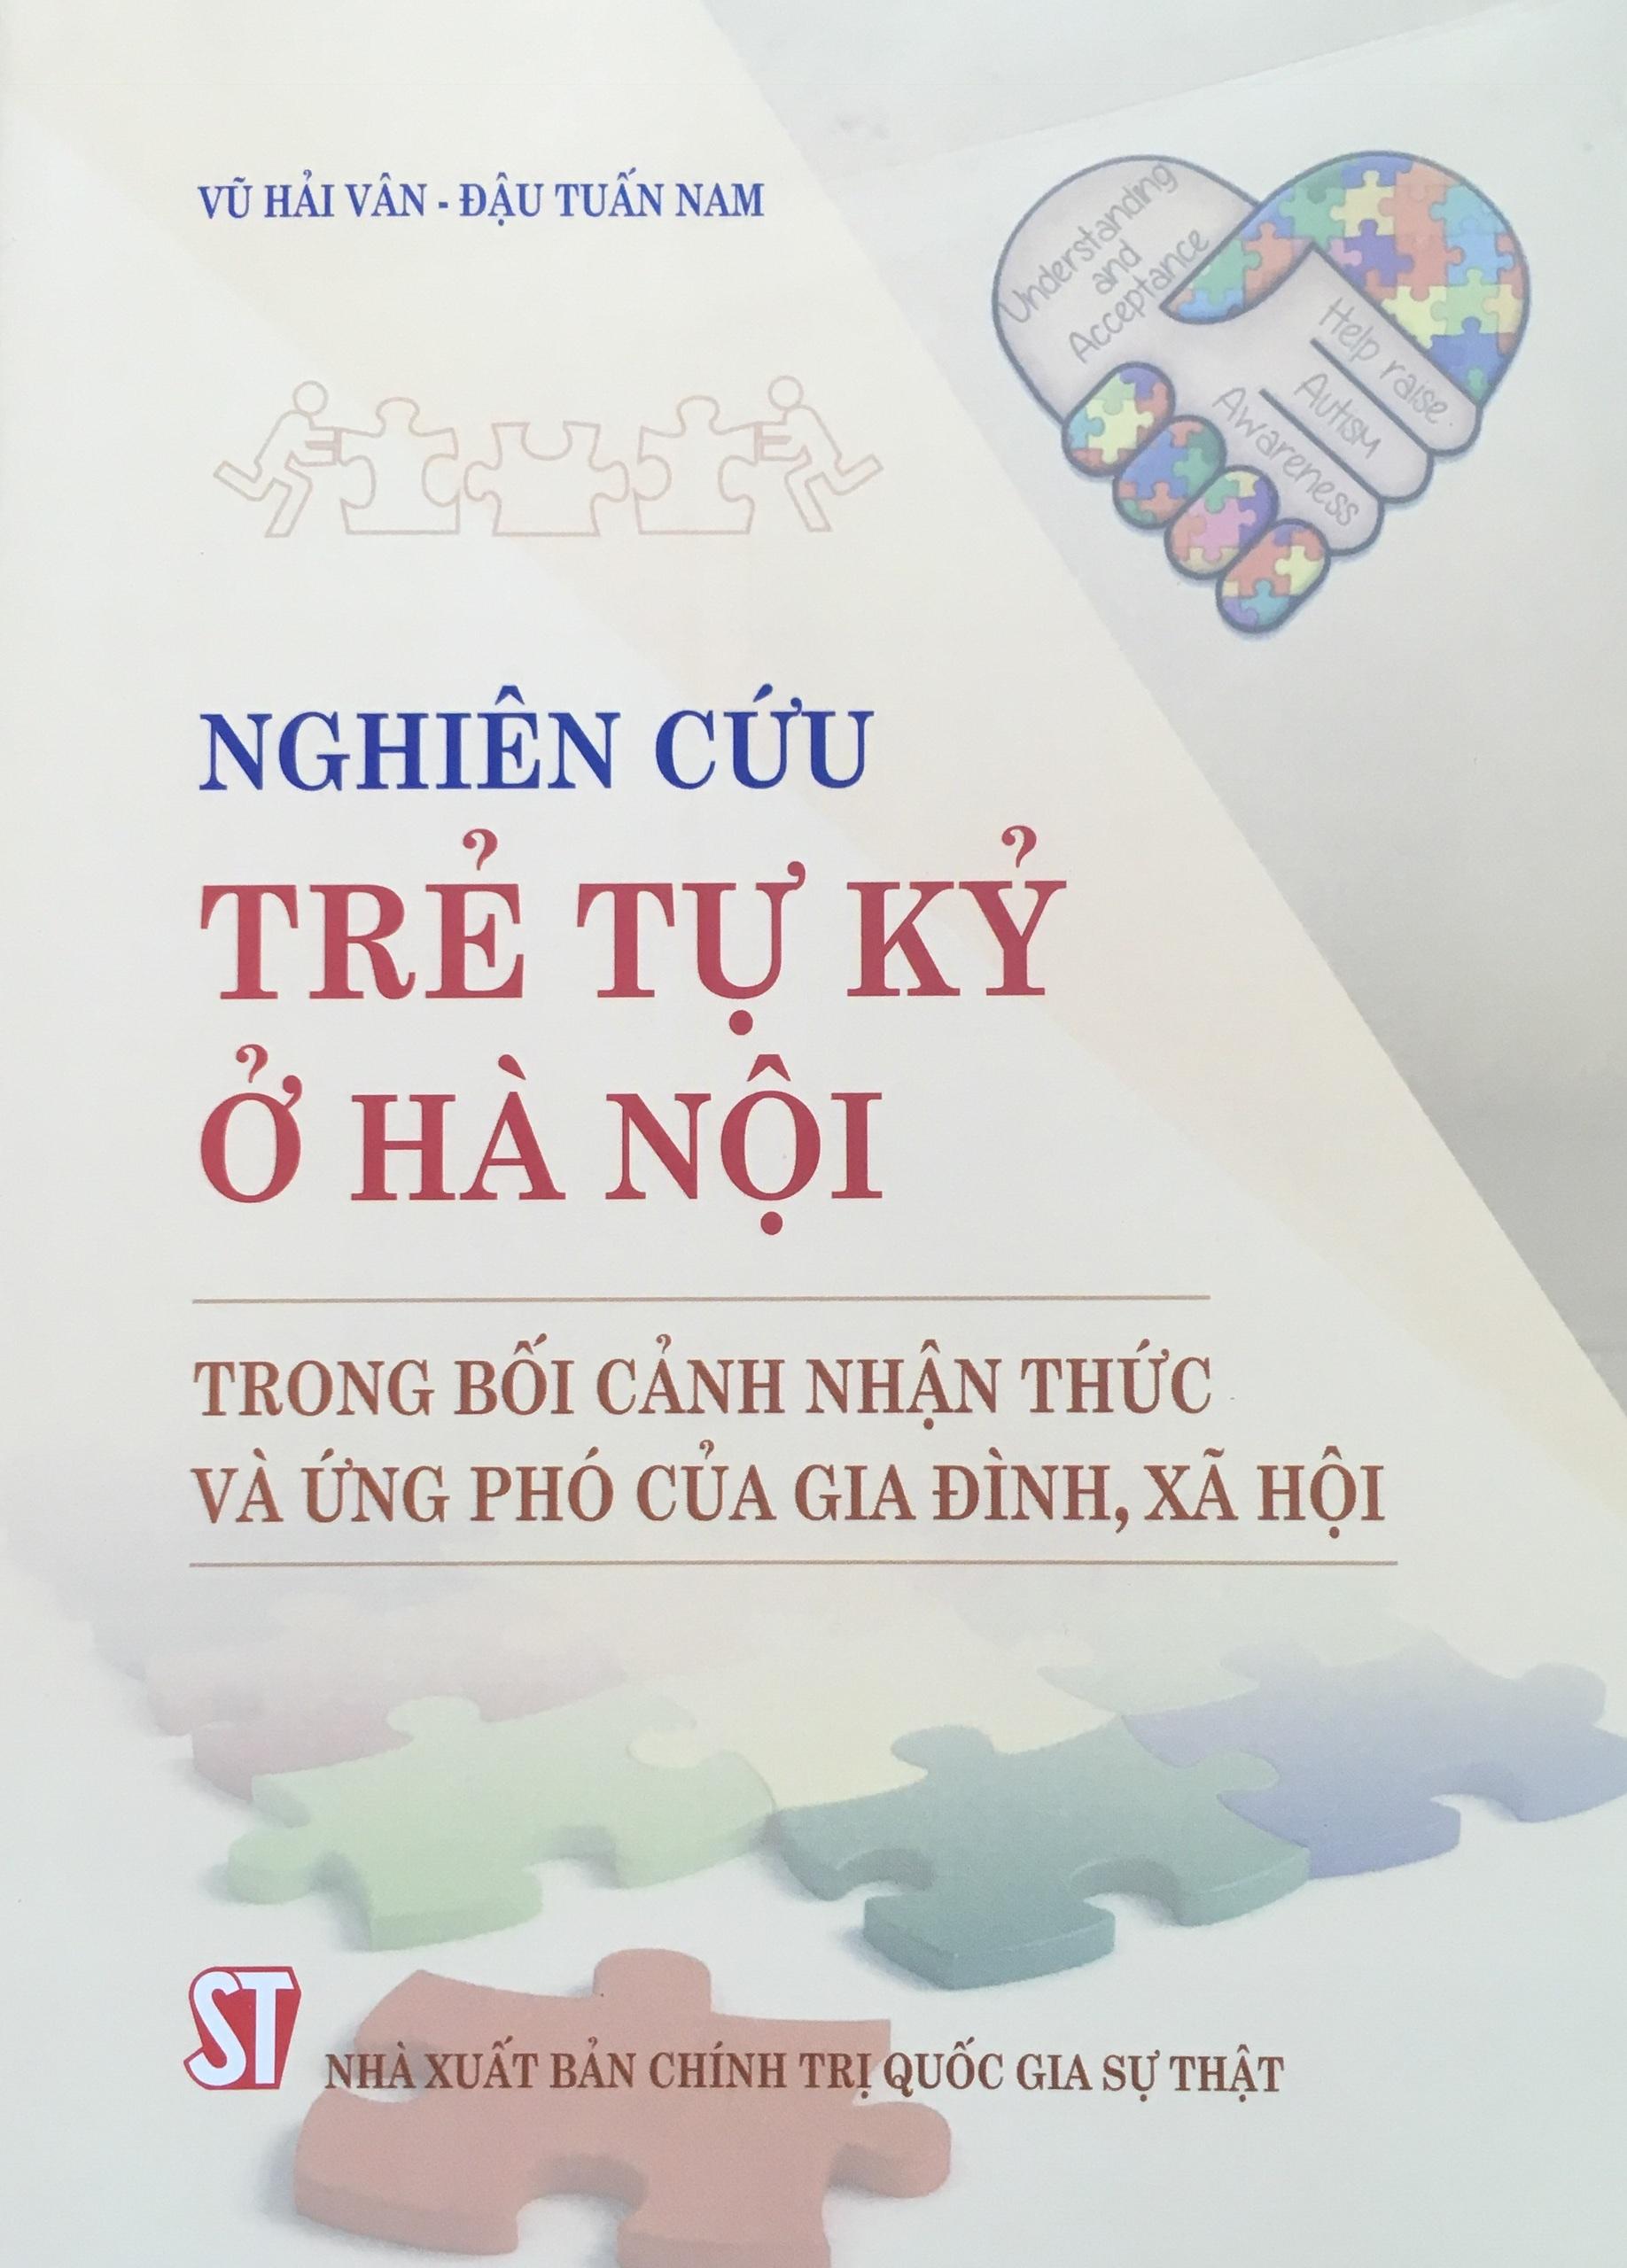 Nghiên cứu trẻ tự kỷ ở Hà Nội trong bối cảnh nhận thức và ứng phó của gia đình, xã hội